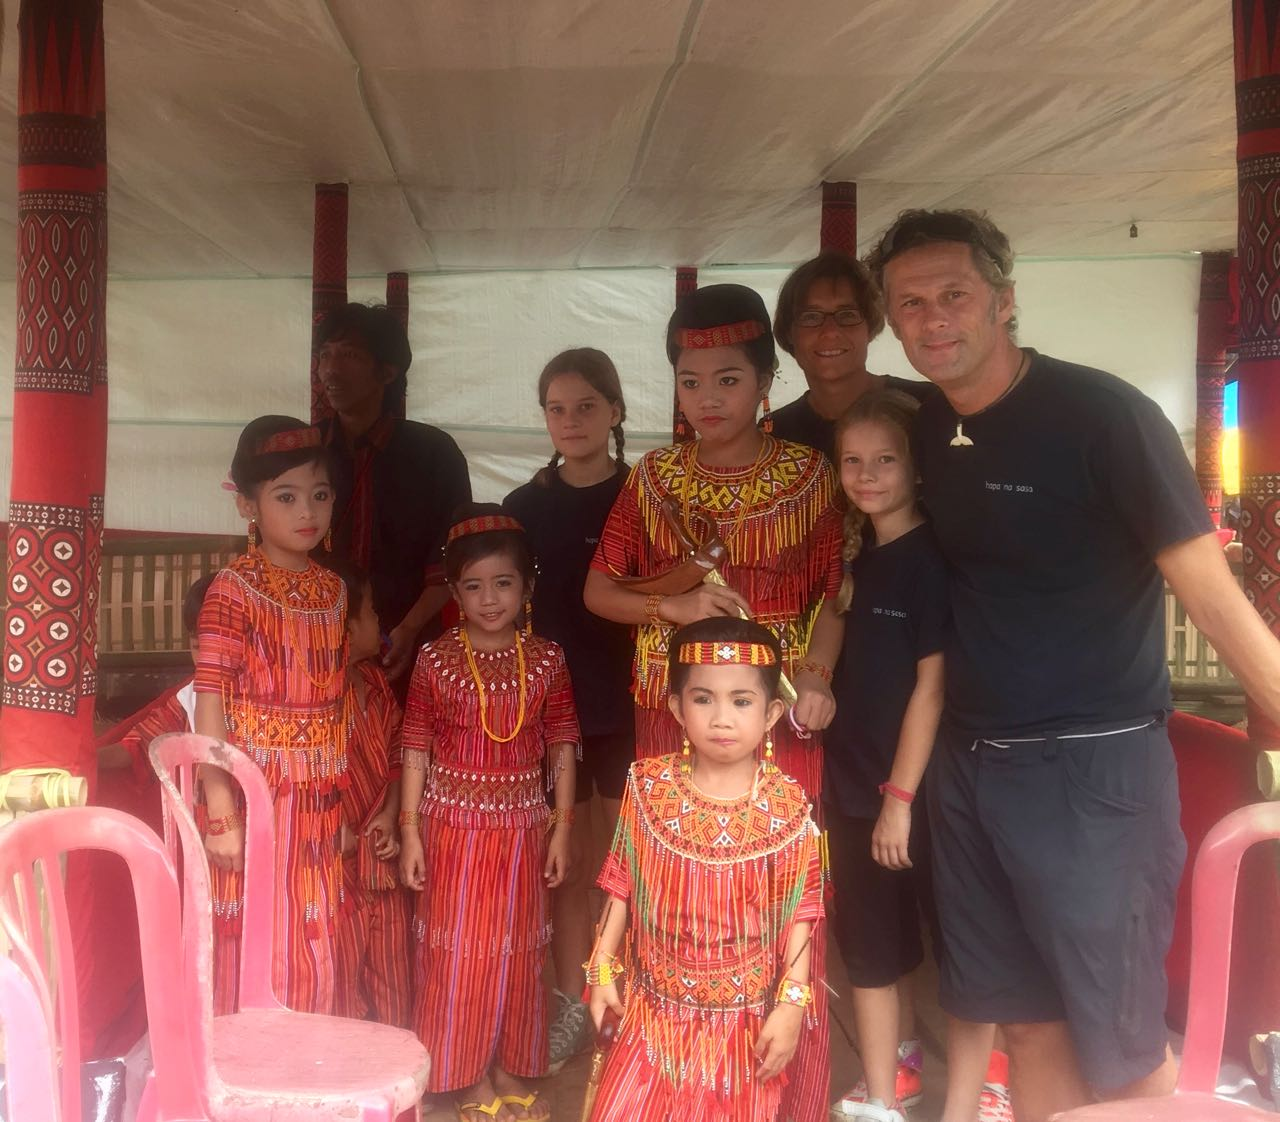 Diese Kinder empfangen die Gäste der Zeremonie